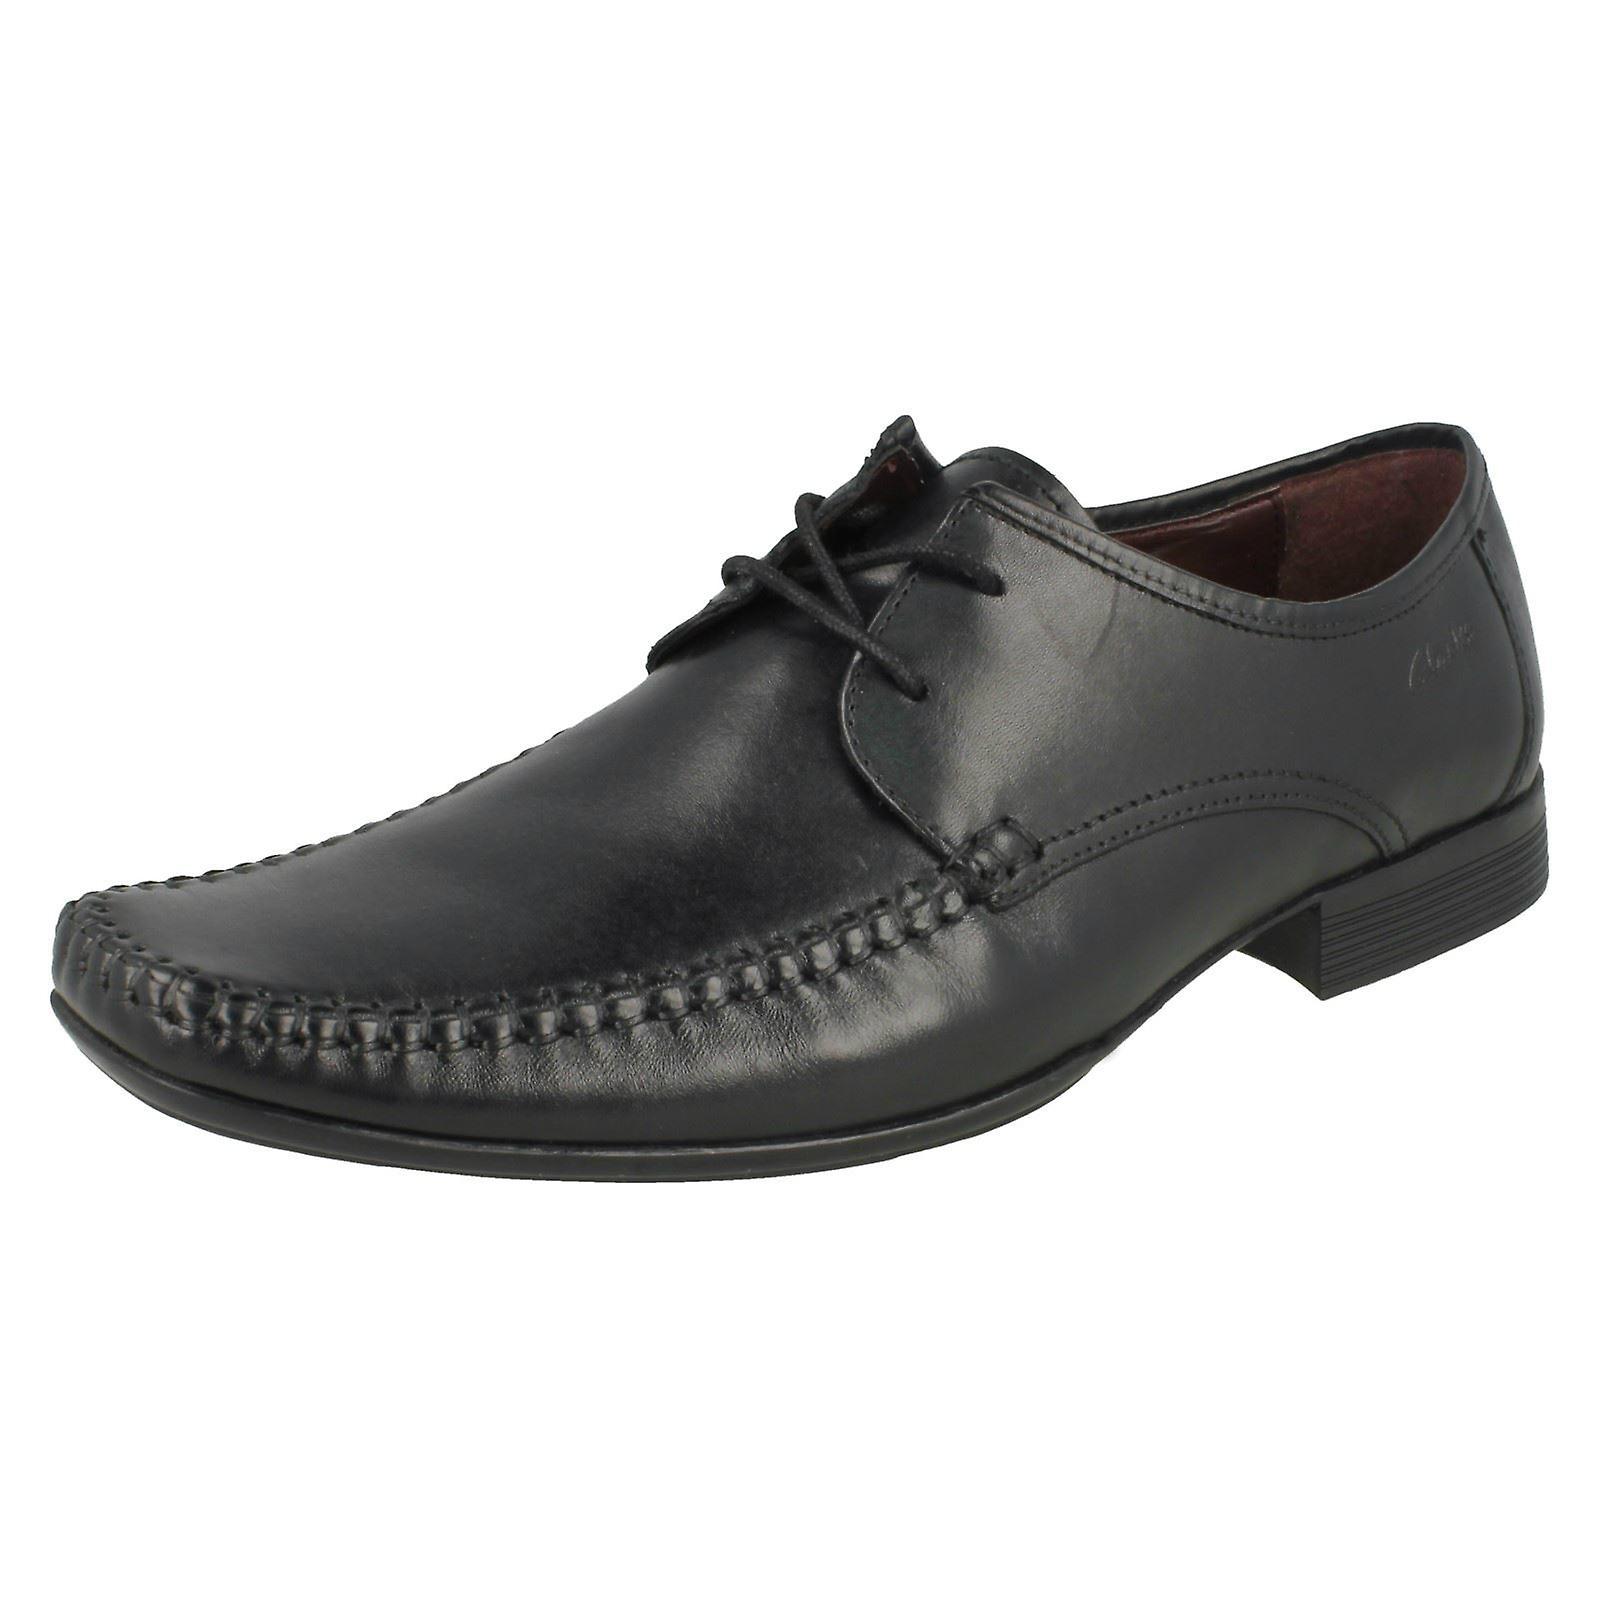 Mens Clarks formali lacci scarpe Ferro a piedi | nuovo venuto  | Scolaro/Ragazze Scarpa